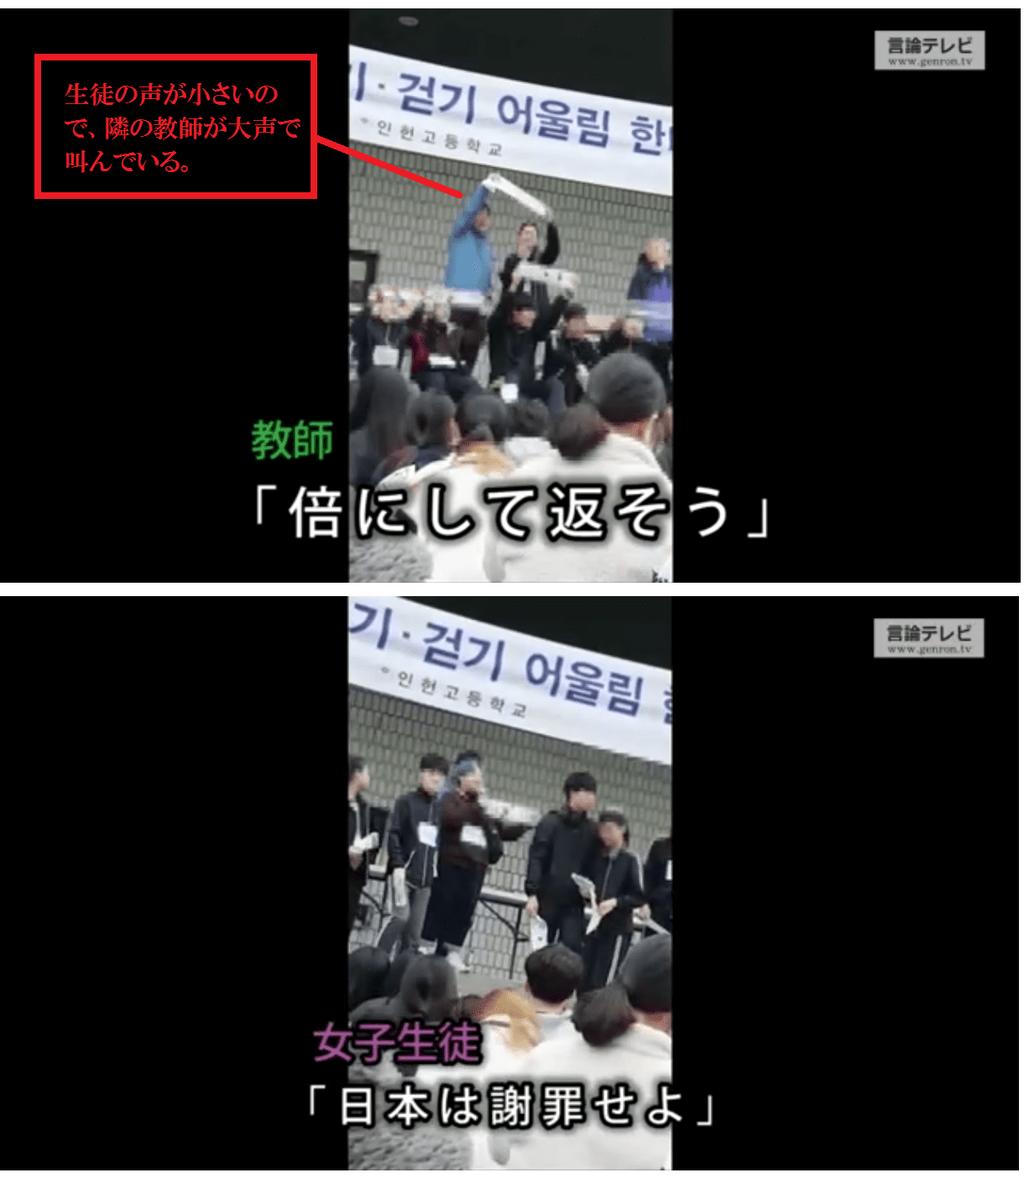 下朝鮮高校3年生150人が教師による「反日」押し付け教育に反旗3